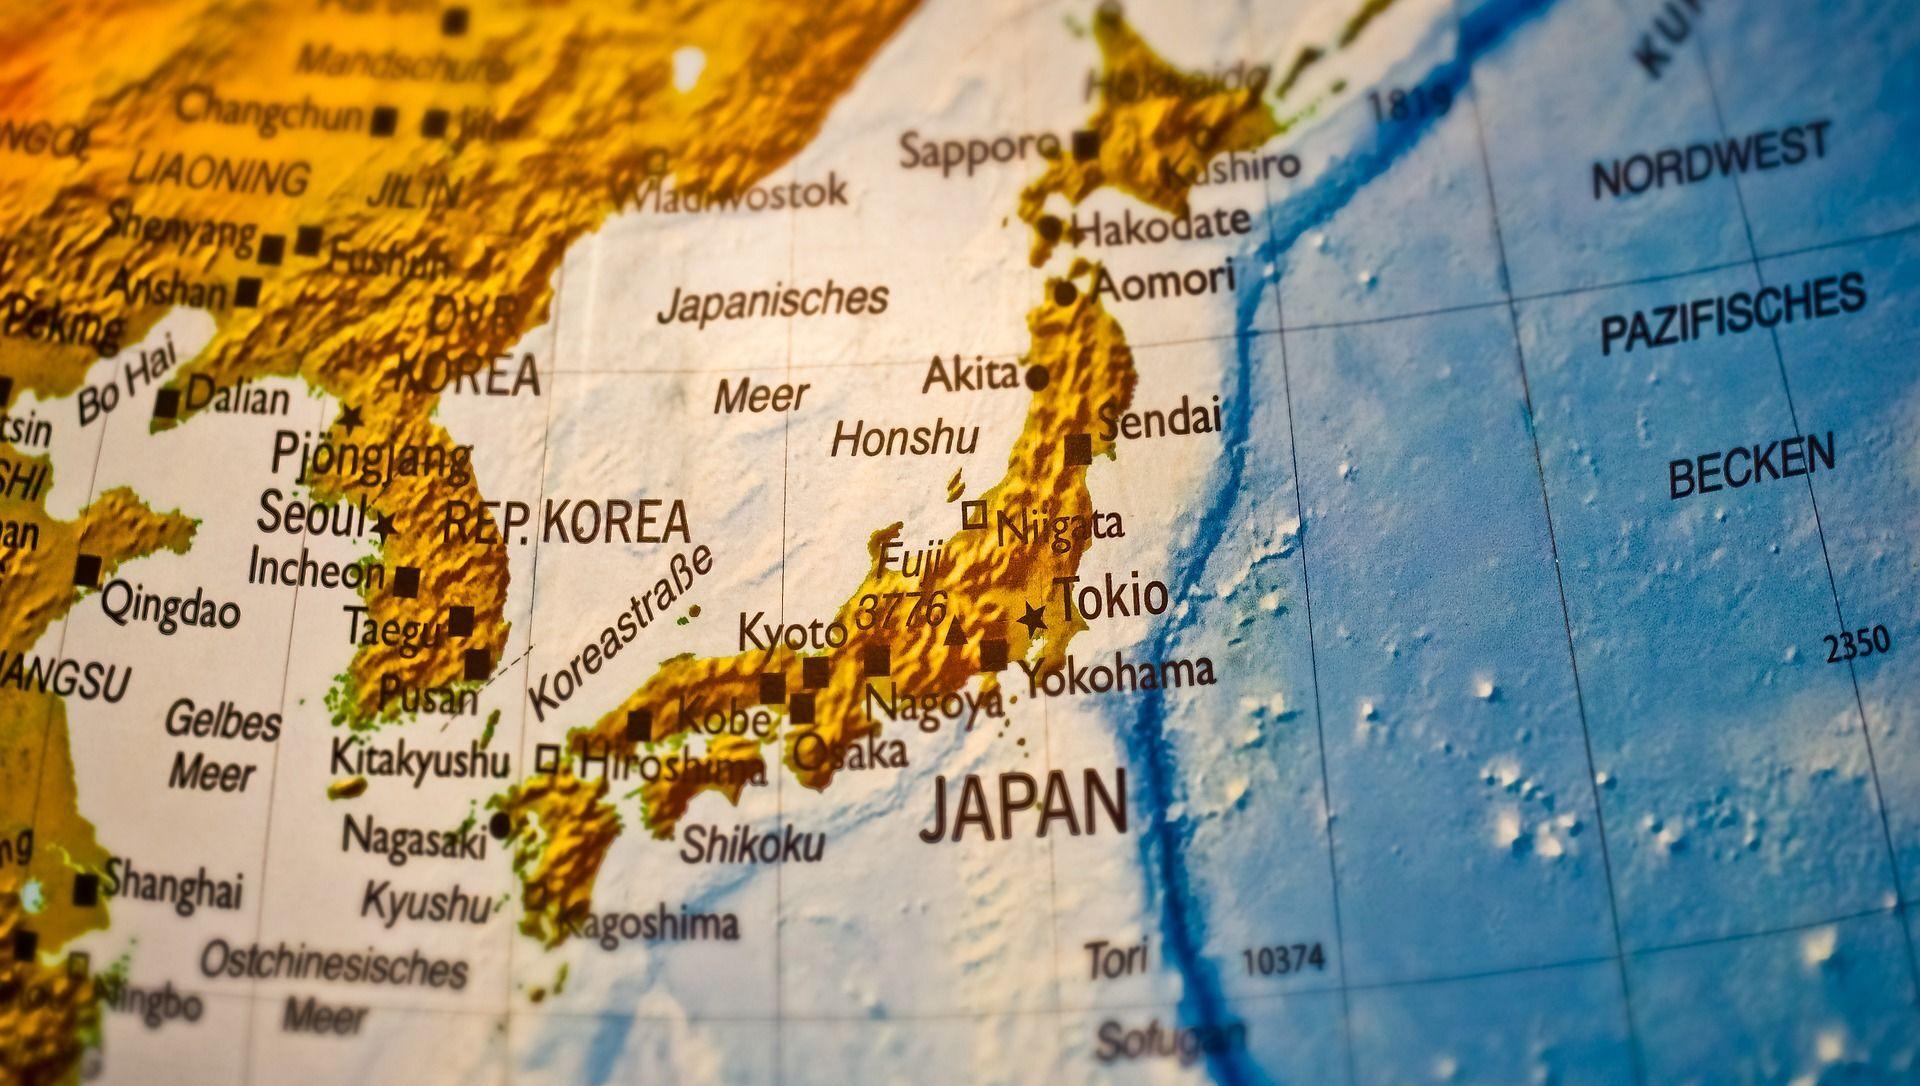 北朝鮮発射の飛翔体、弾道ミサイルか EEZには飛来せず=日本防衛省 - Sputnik 日本, 1920, 28.09.2021